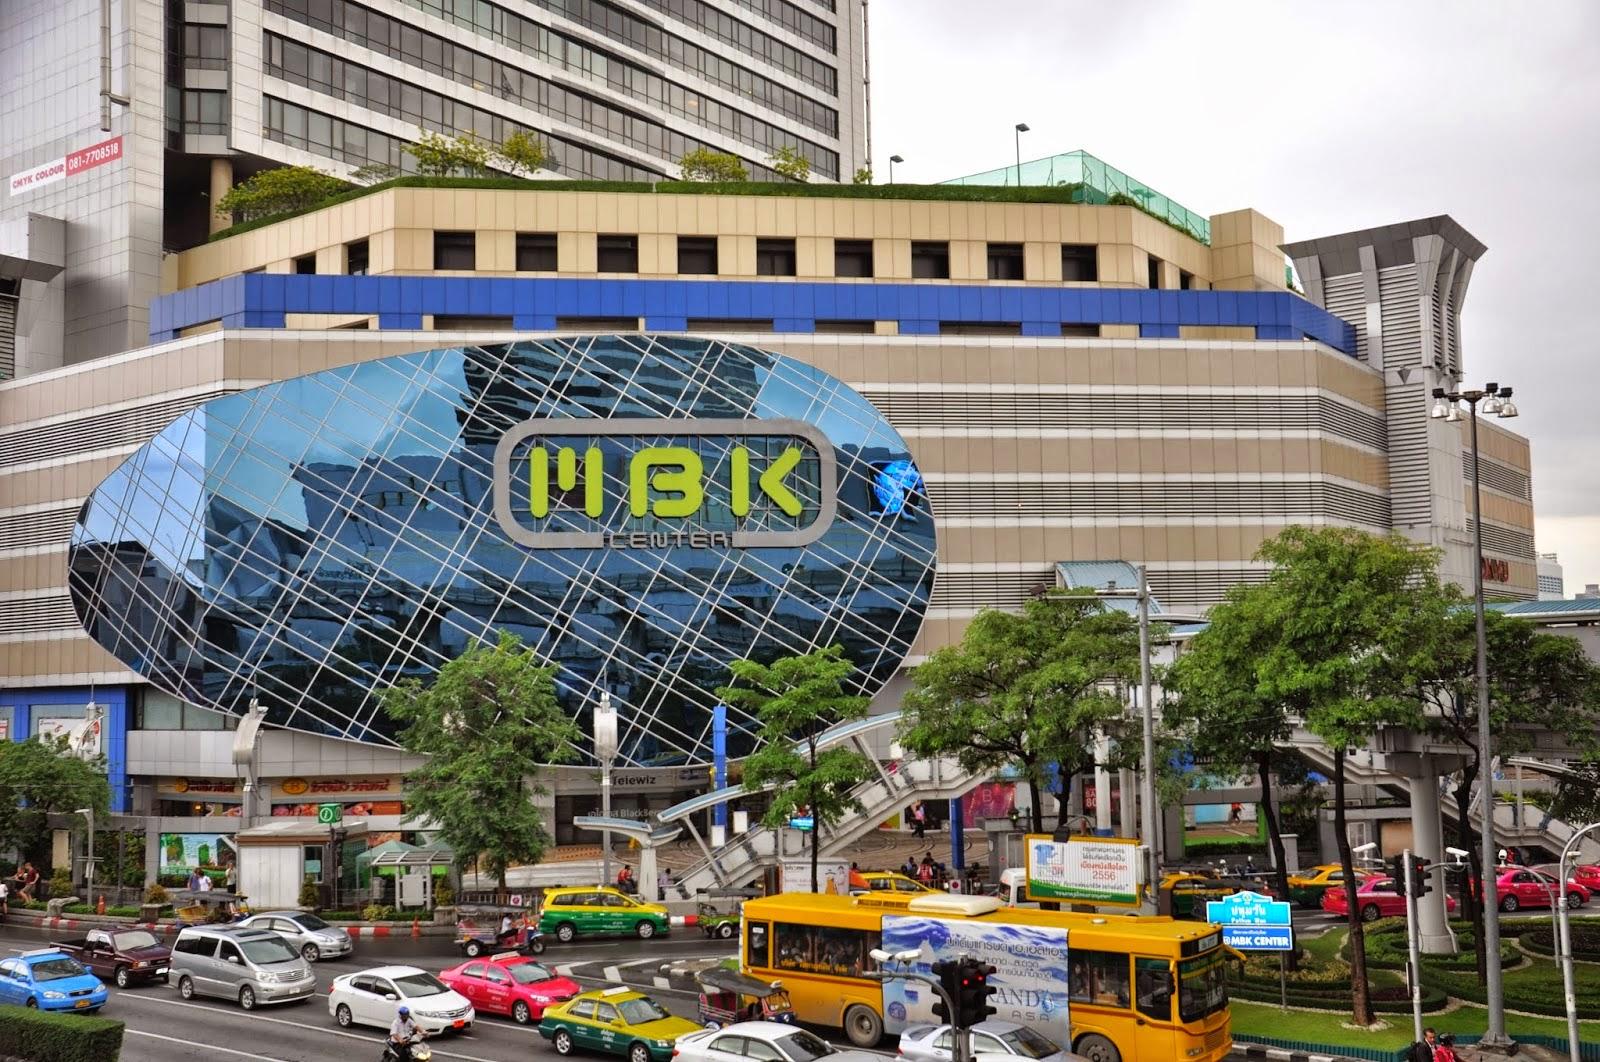 مجمع ماه بون كرونج للتسوق في بانكوك